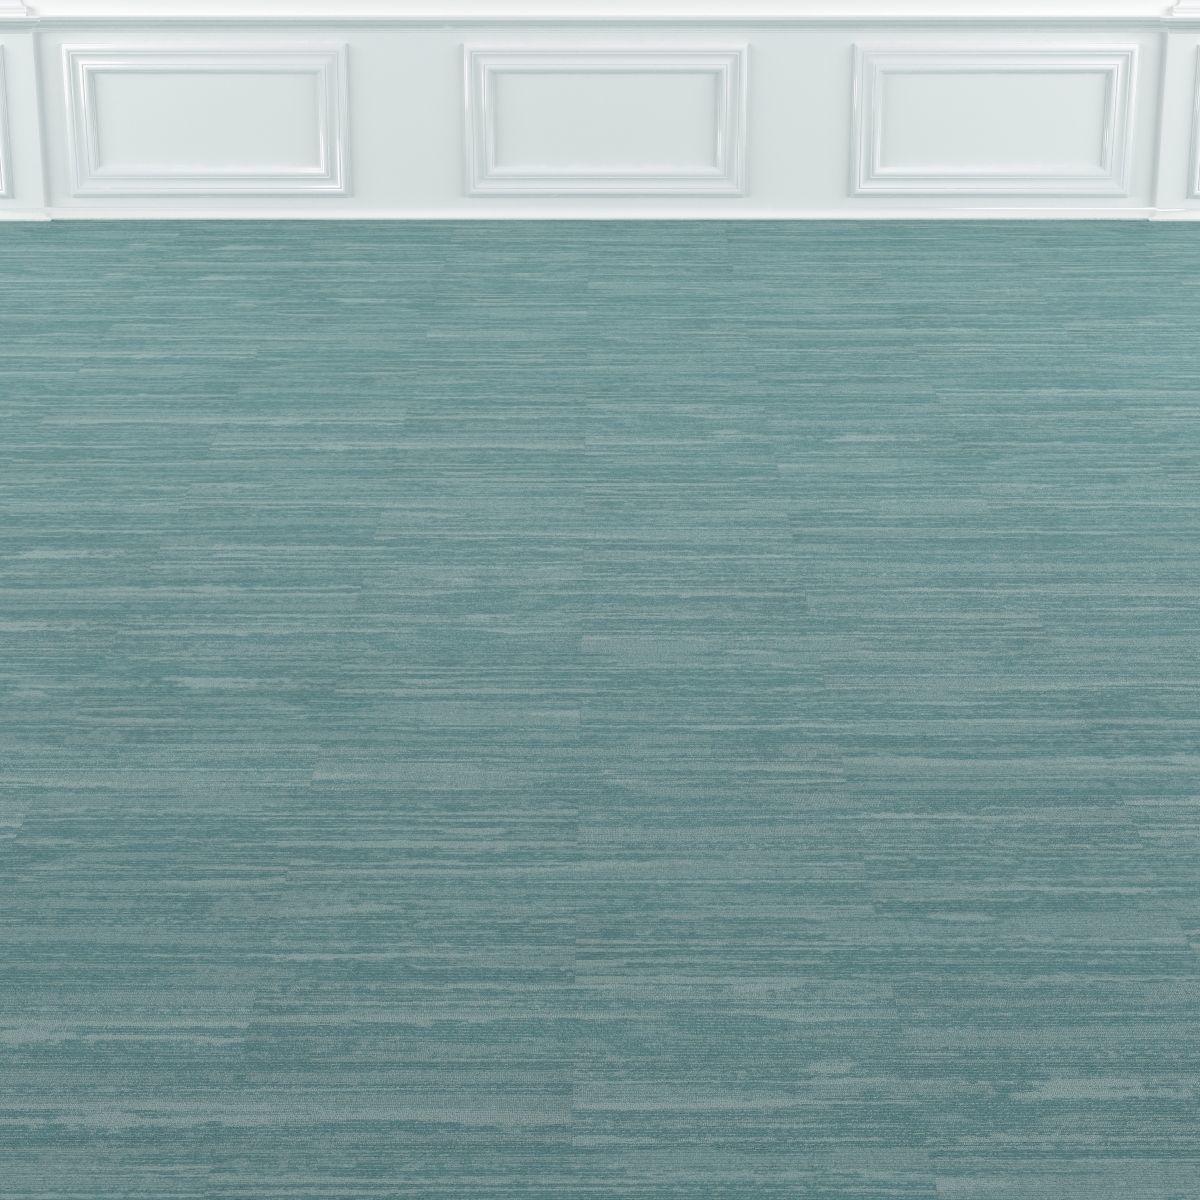 3D Wall to Wall Carpet Tile No 11   CGTrader